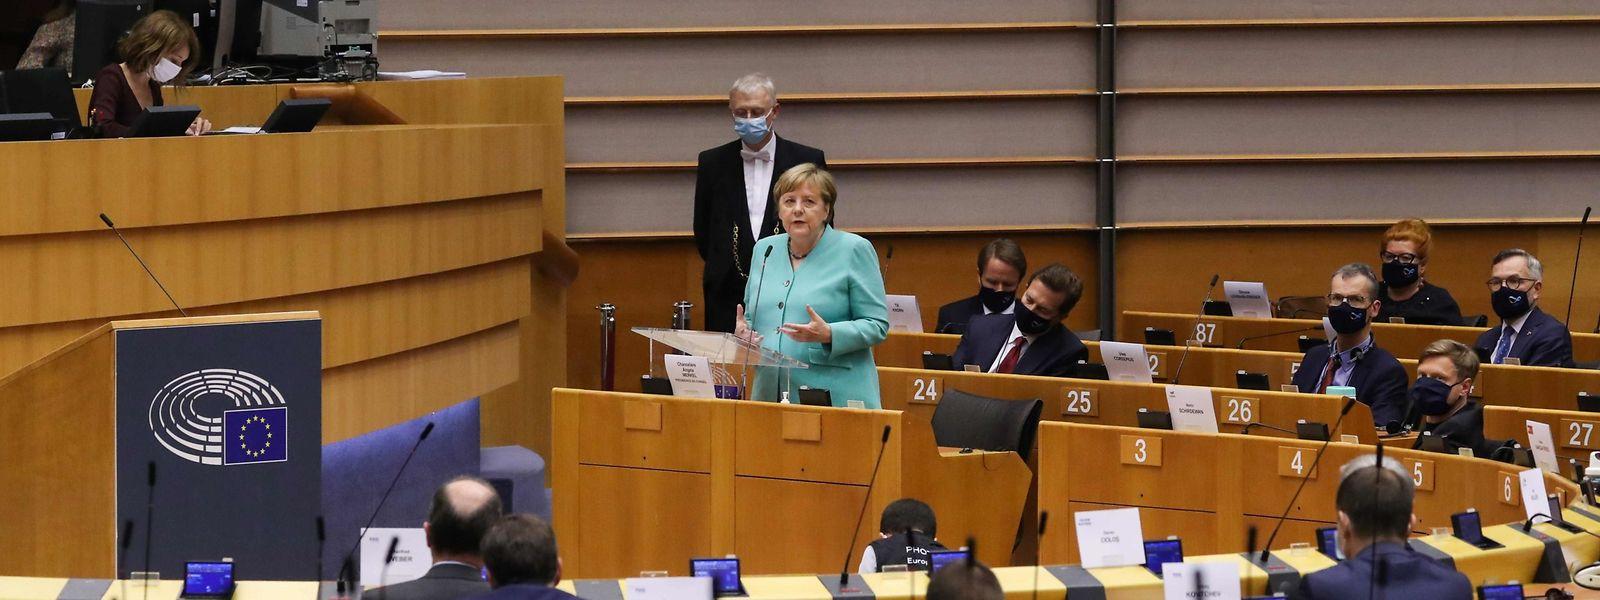 Bundeskanzlerin Angela Merkel im Europaparlament.